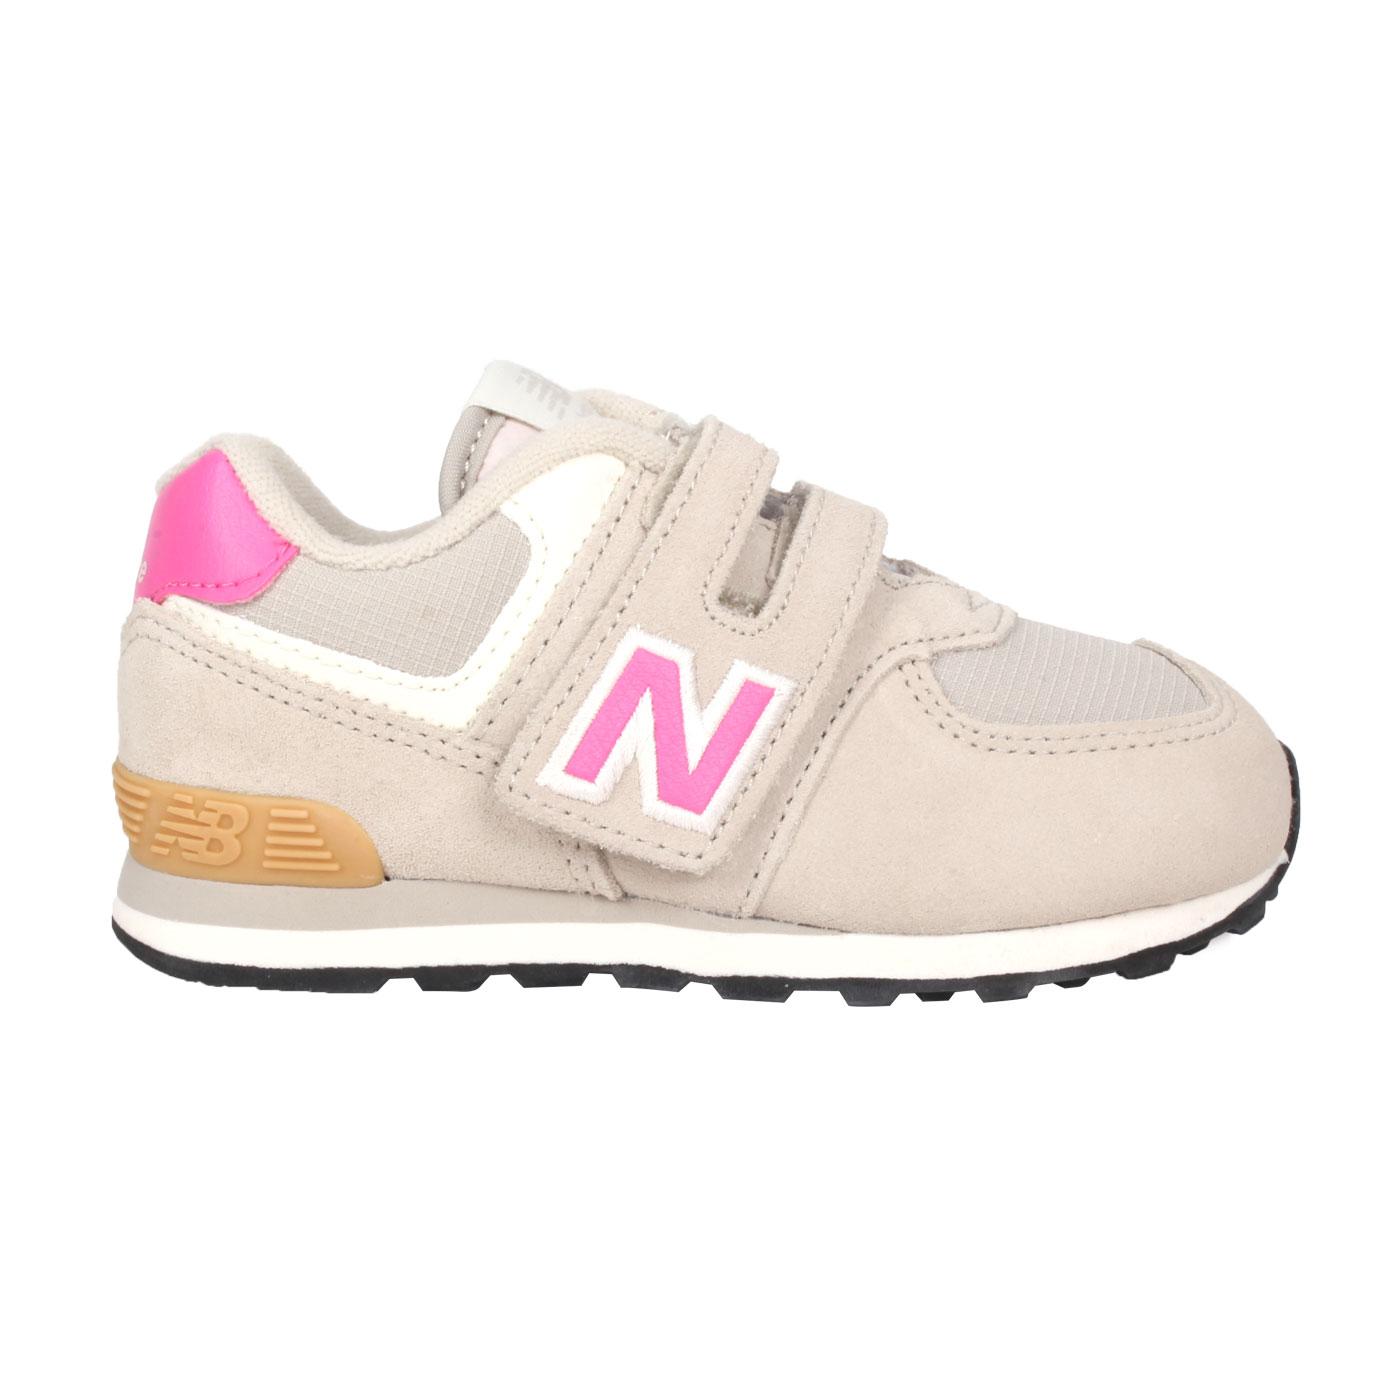 NEW BALANCE 小童休閒運動鞋 IV574ME2